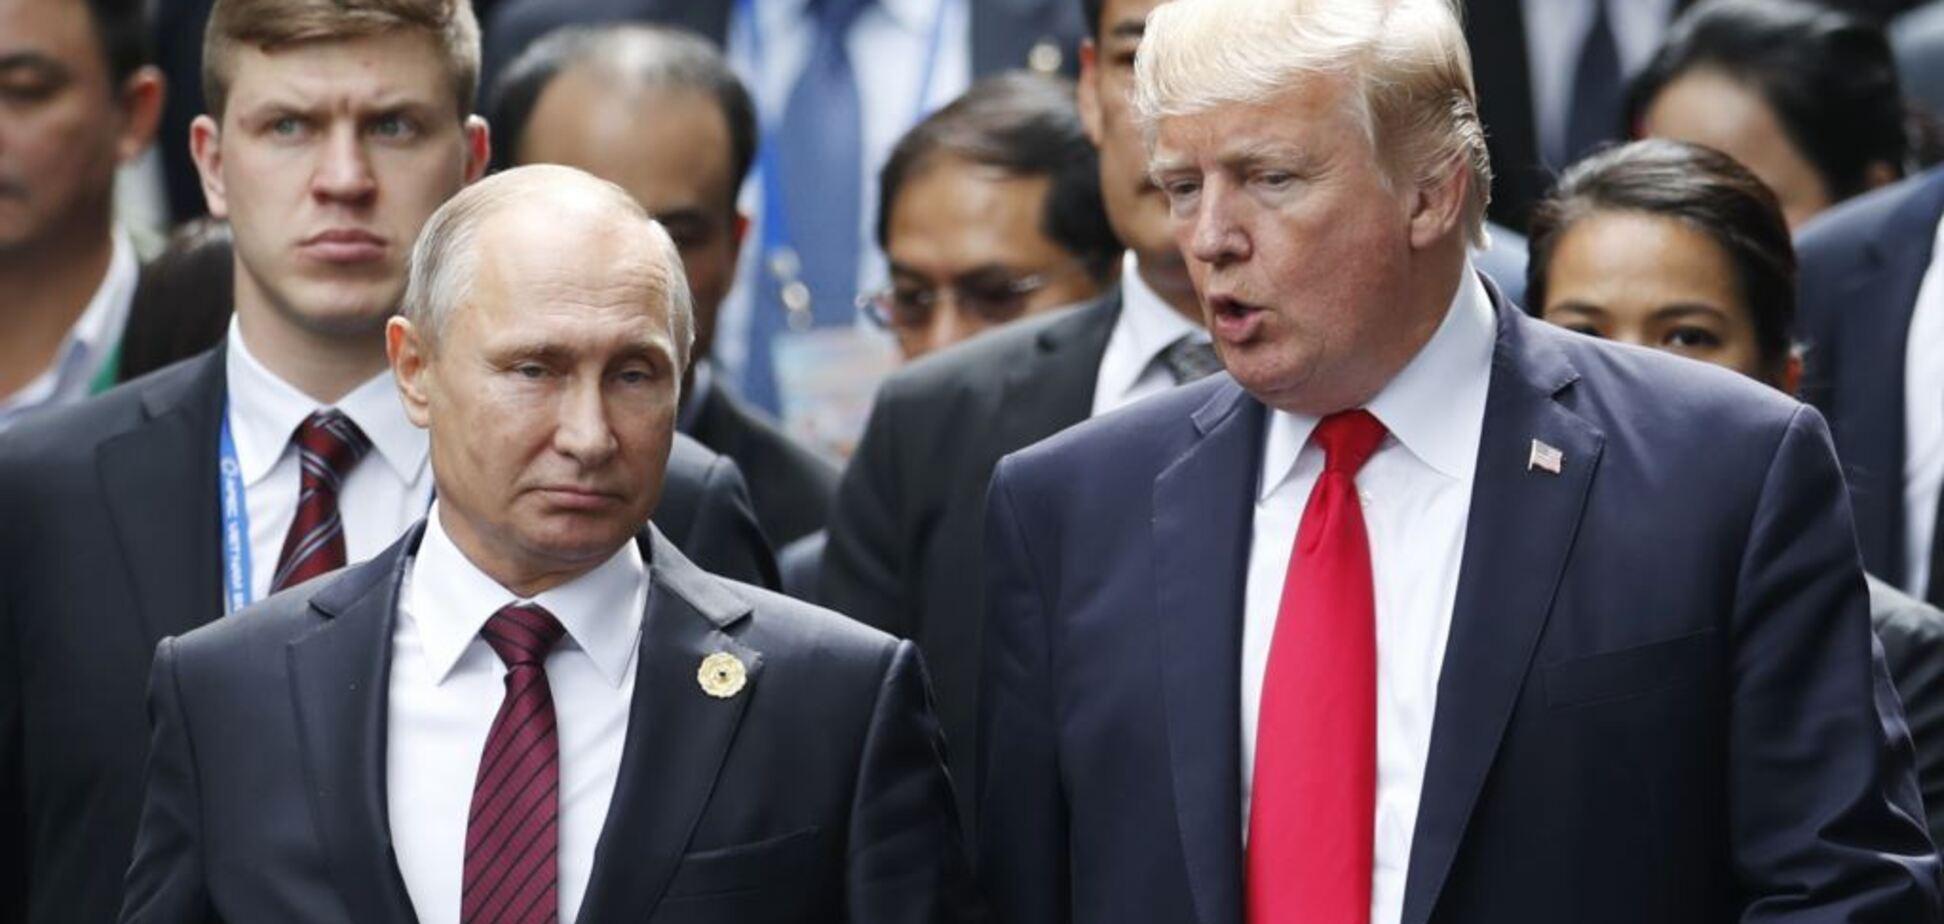 Зустріч Путіна і Трампа: експерт пояснила, чи 'здадуть' США Крим